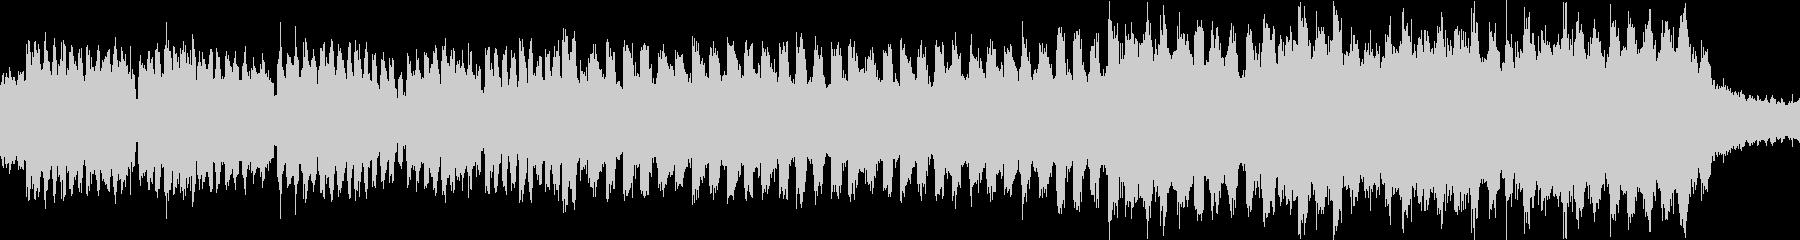 ピアノがキラキラしたJPOP風曲ループbの未再生の波形